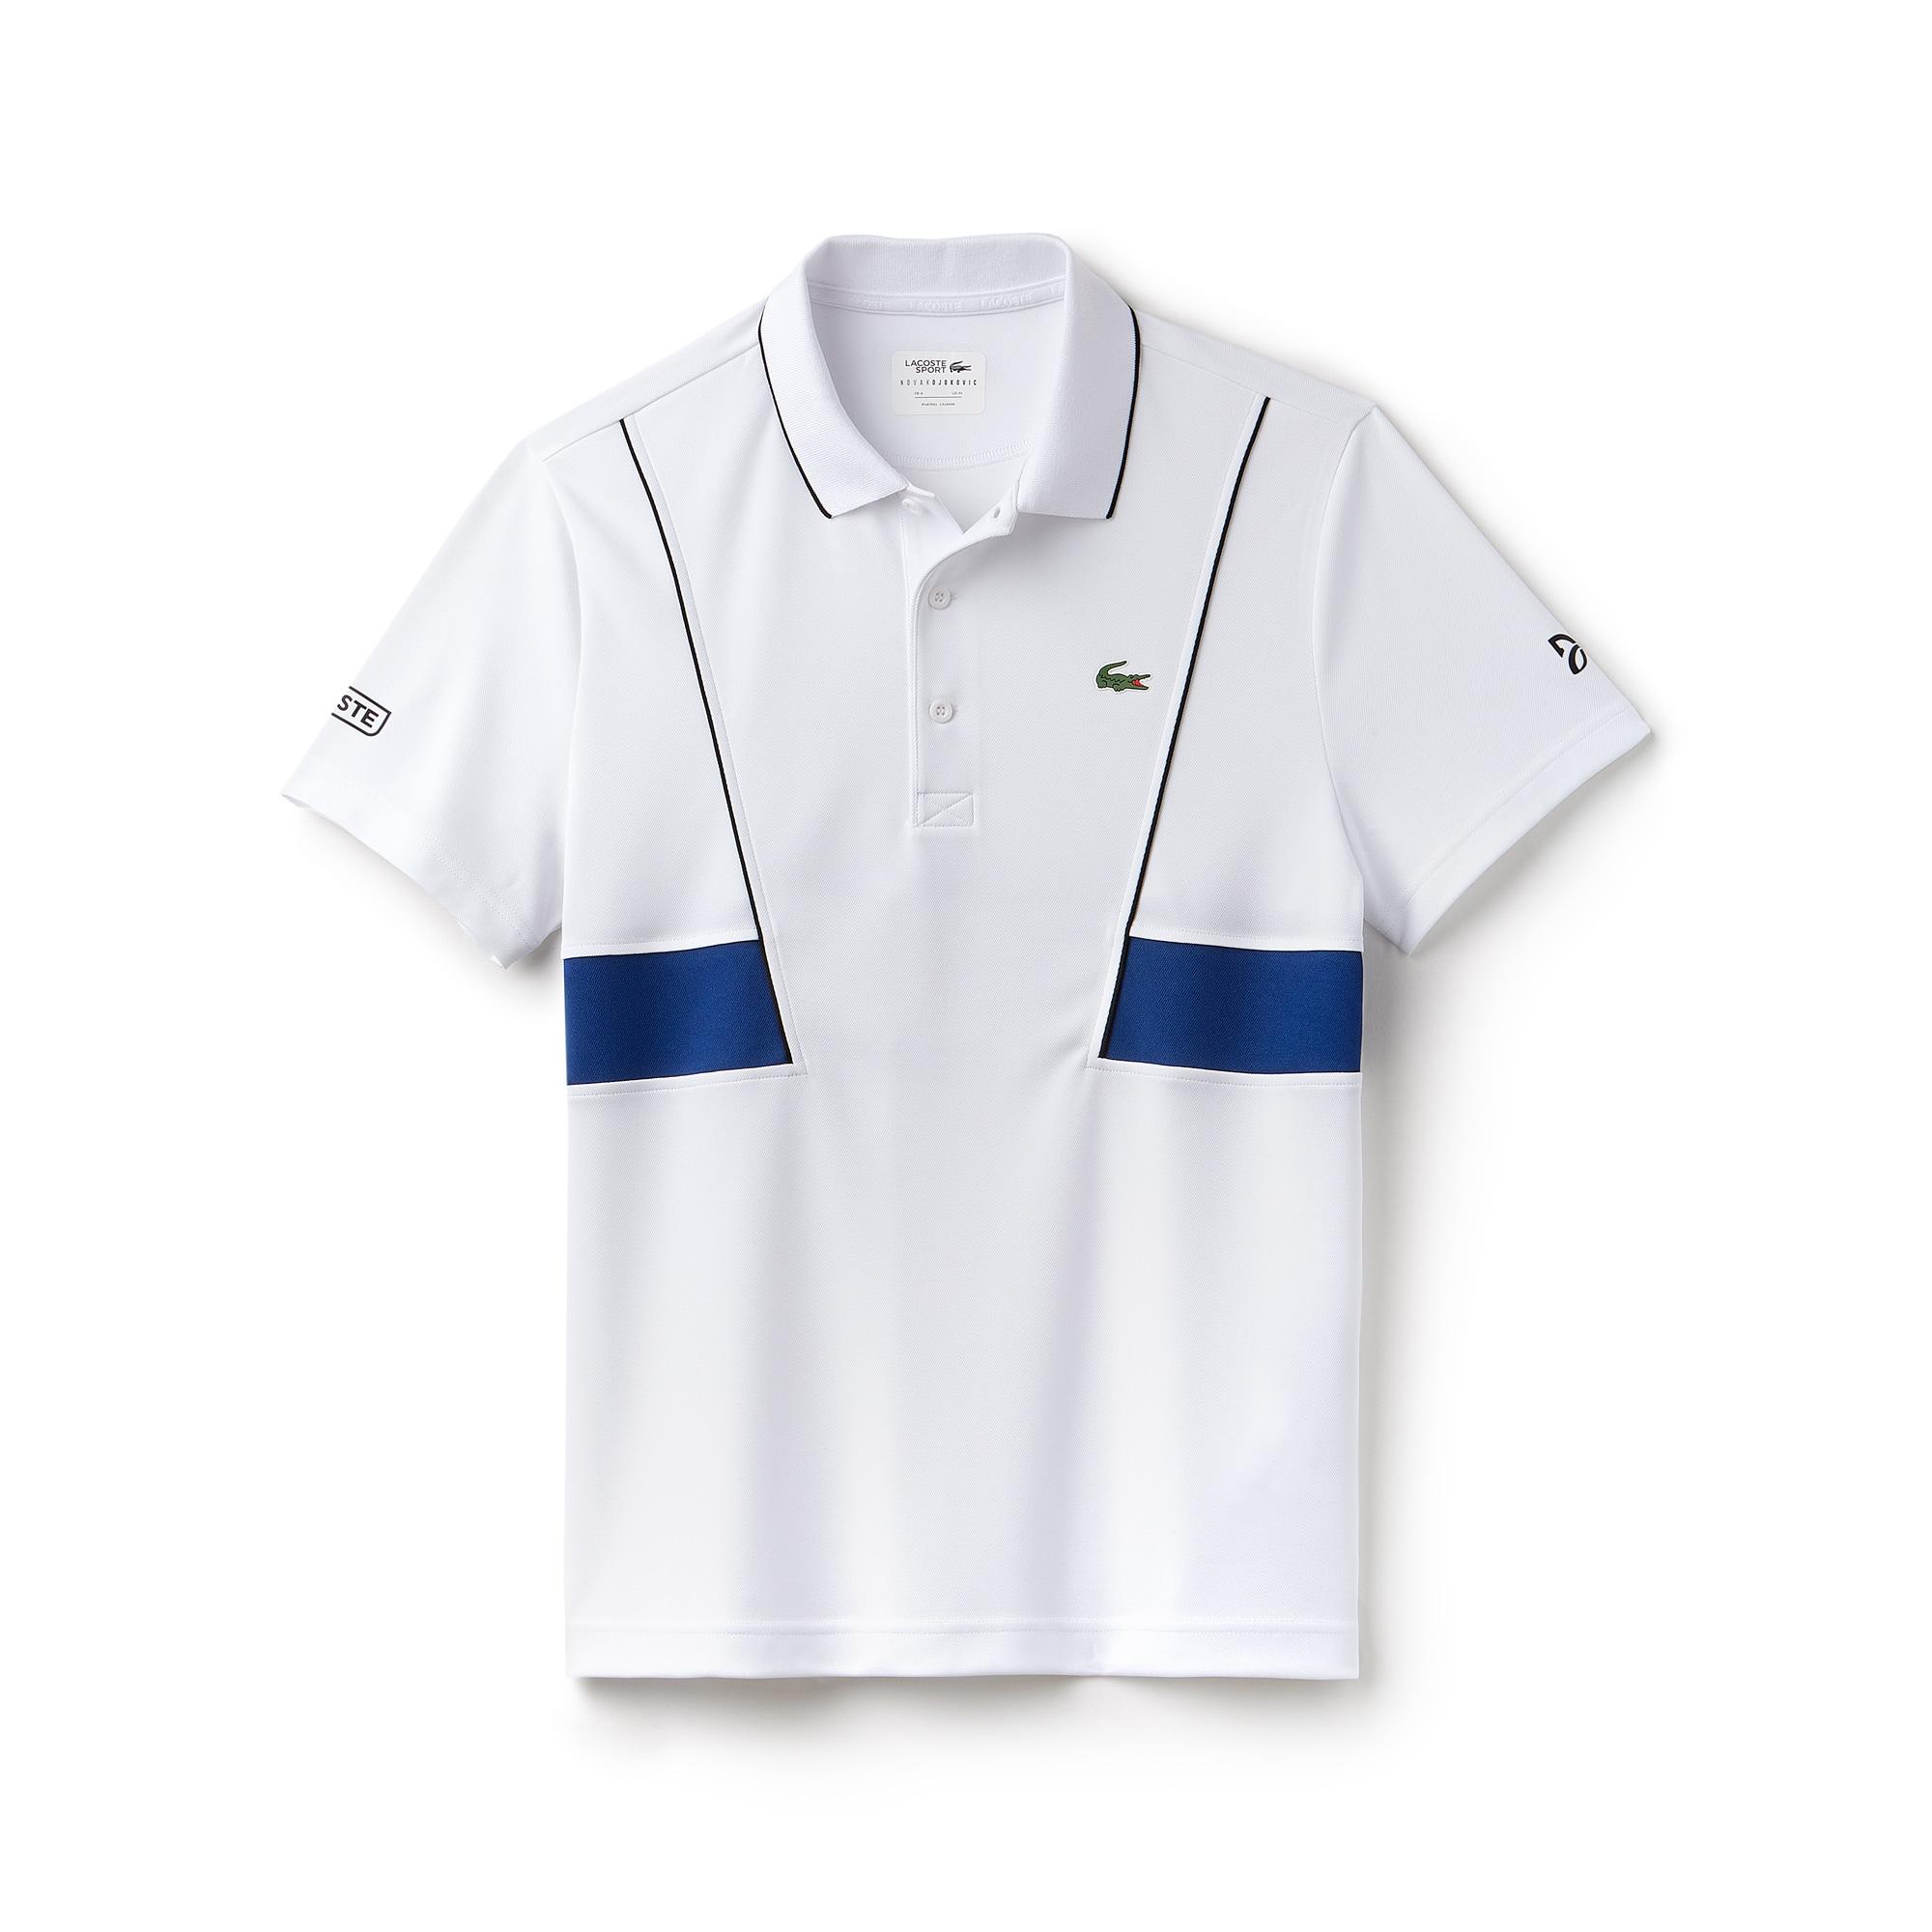 Men's LACOSTE SPORT NOVAK DJOKOVIC COLLECTION Tech Piqué Polo Shirt